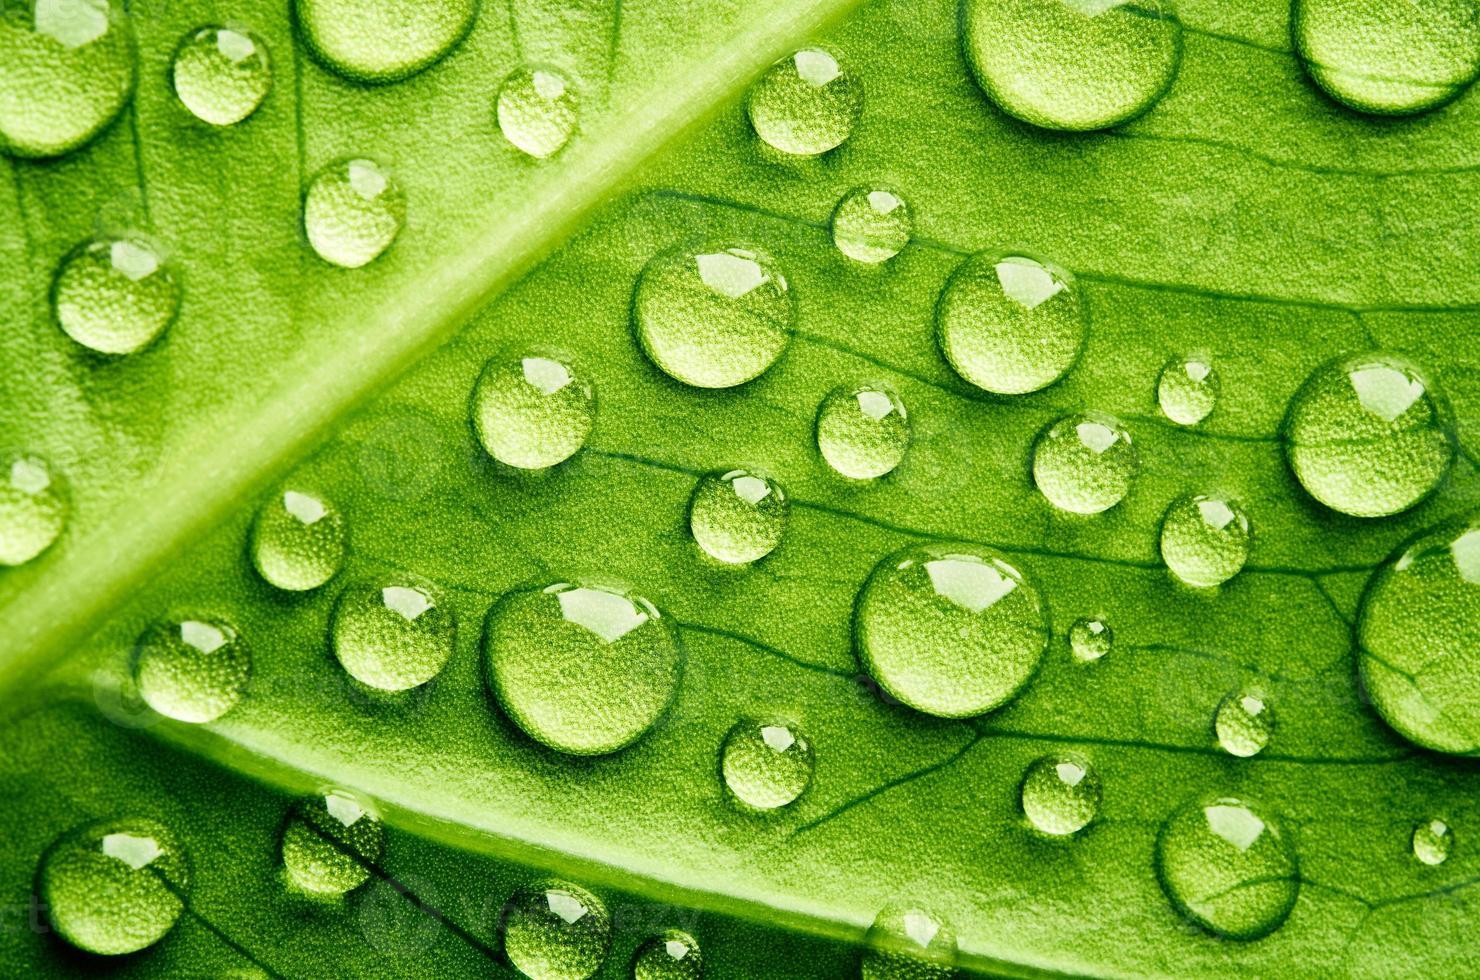 groen blad met druppels water foto